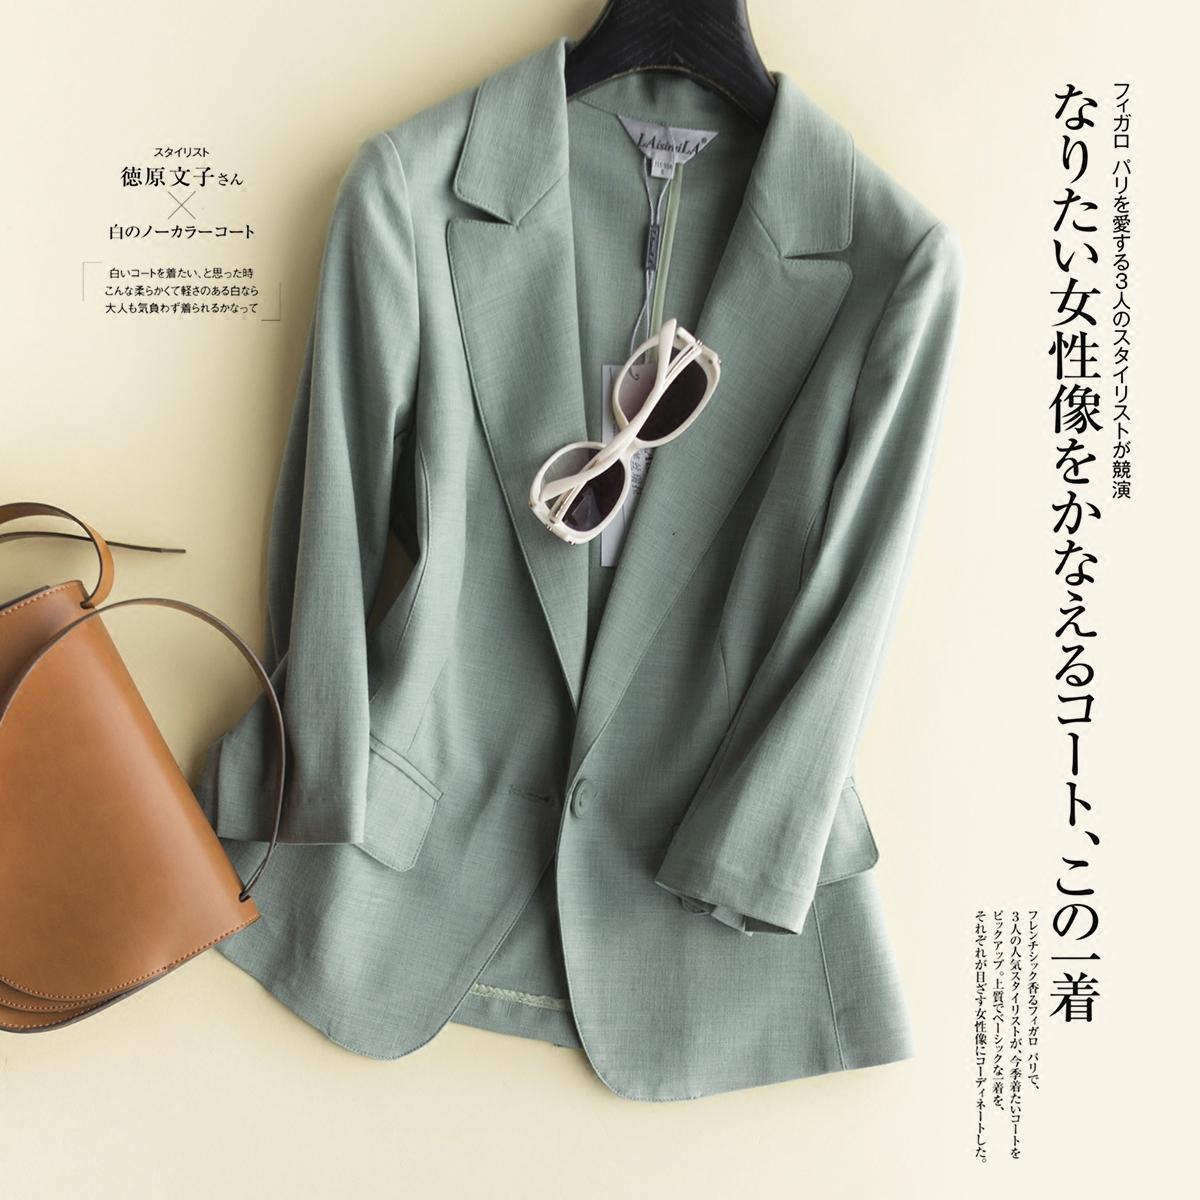 绿色小西装 春夏新款韩版修身显瘦 时尚 丝麻 通勤小西装外套短款女_推荐淘宝好看的绿色小西装